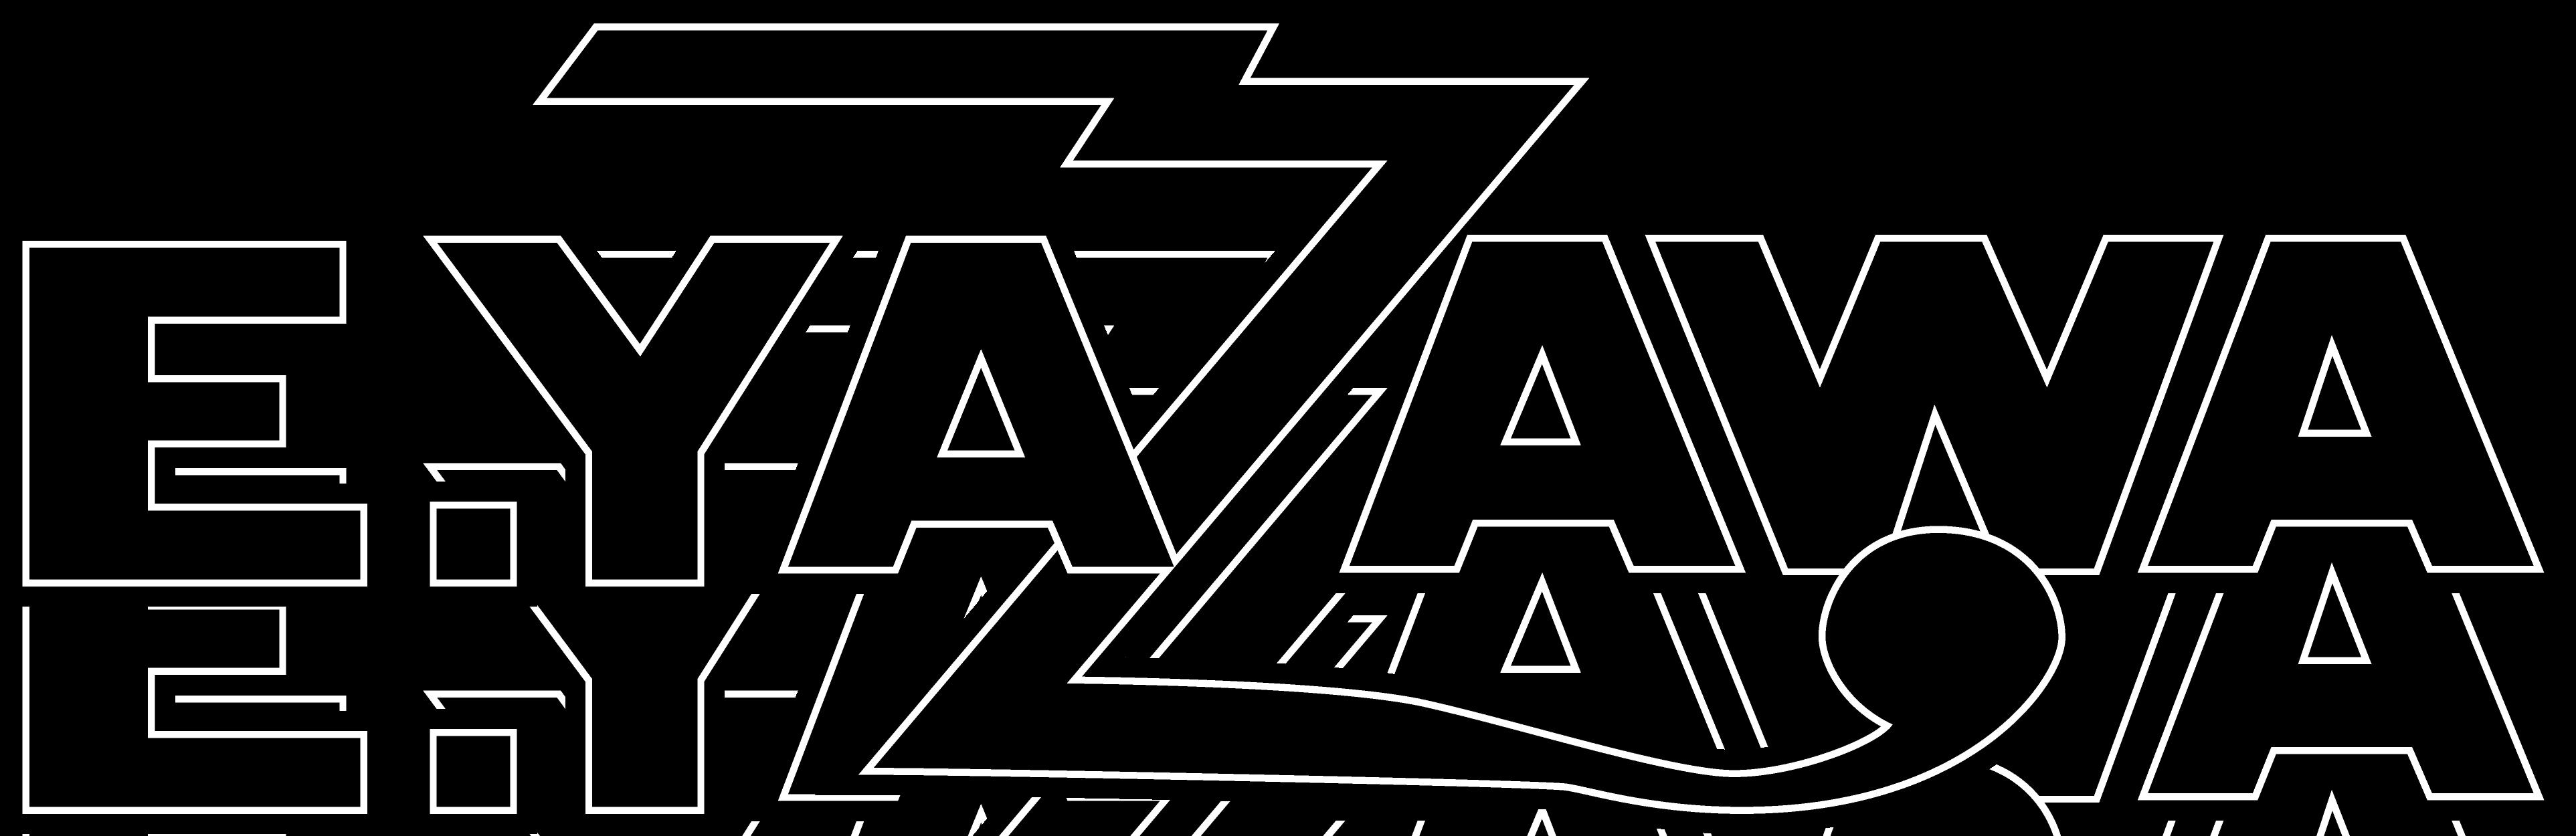 E-YAZAWA.png